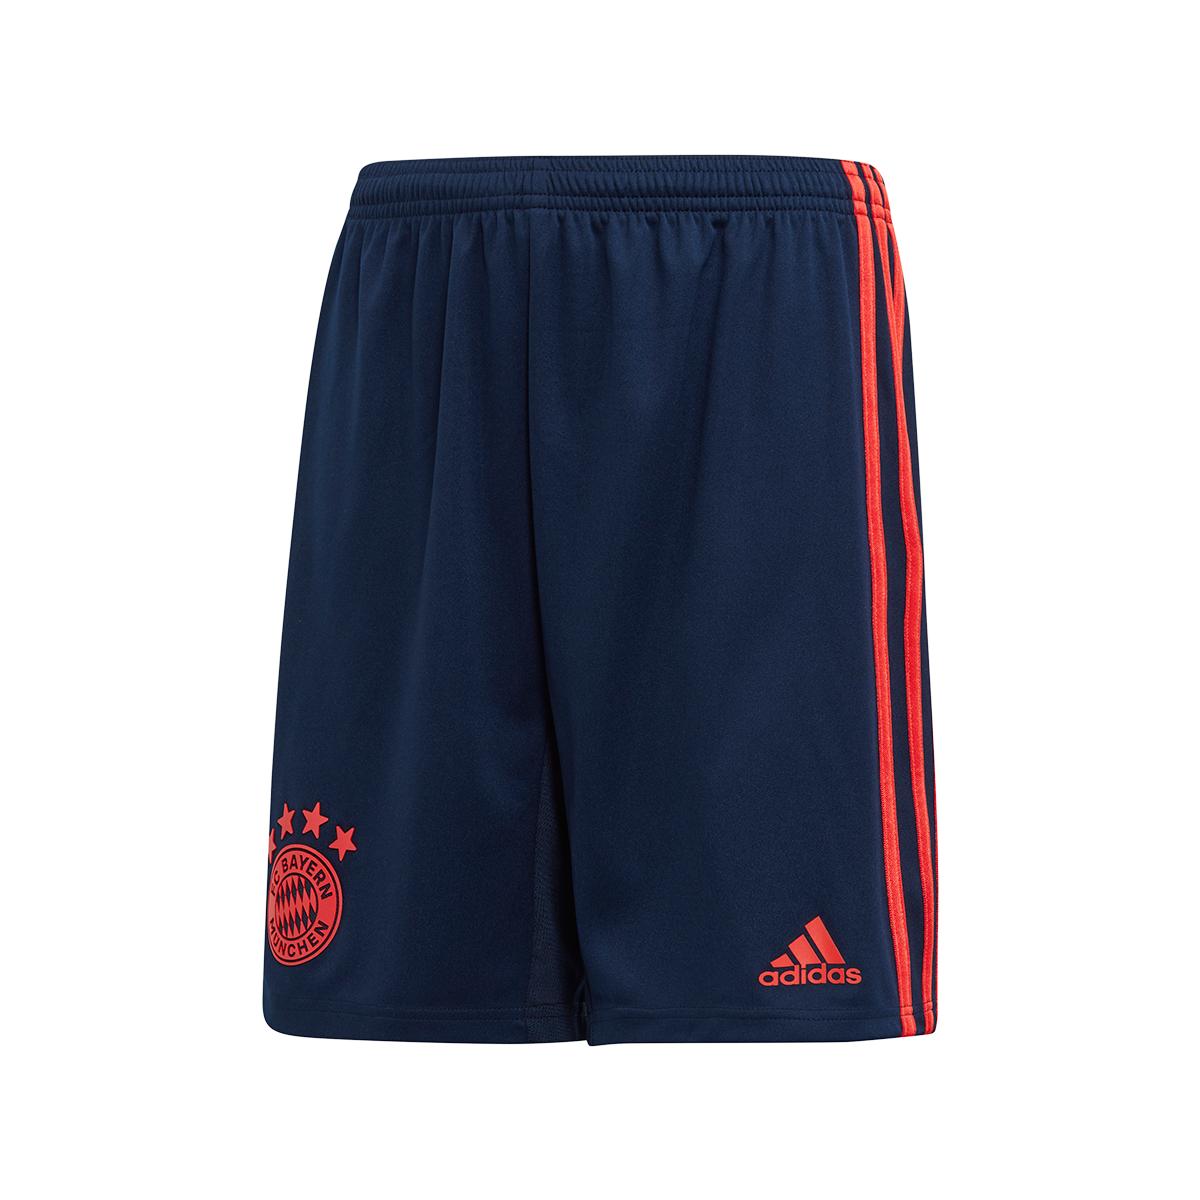 expandir Eficiente agencia  Pantalón corto adidas FC Bayern Munich Tercera Equipación 2019-2020 Niño  Collegiate navy-Bright Red - Tienda de fútbol Fútbol Emotion